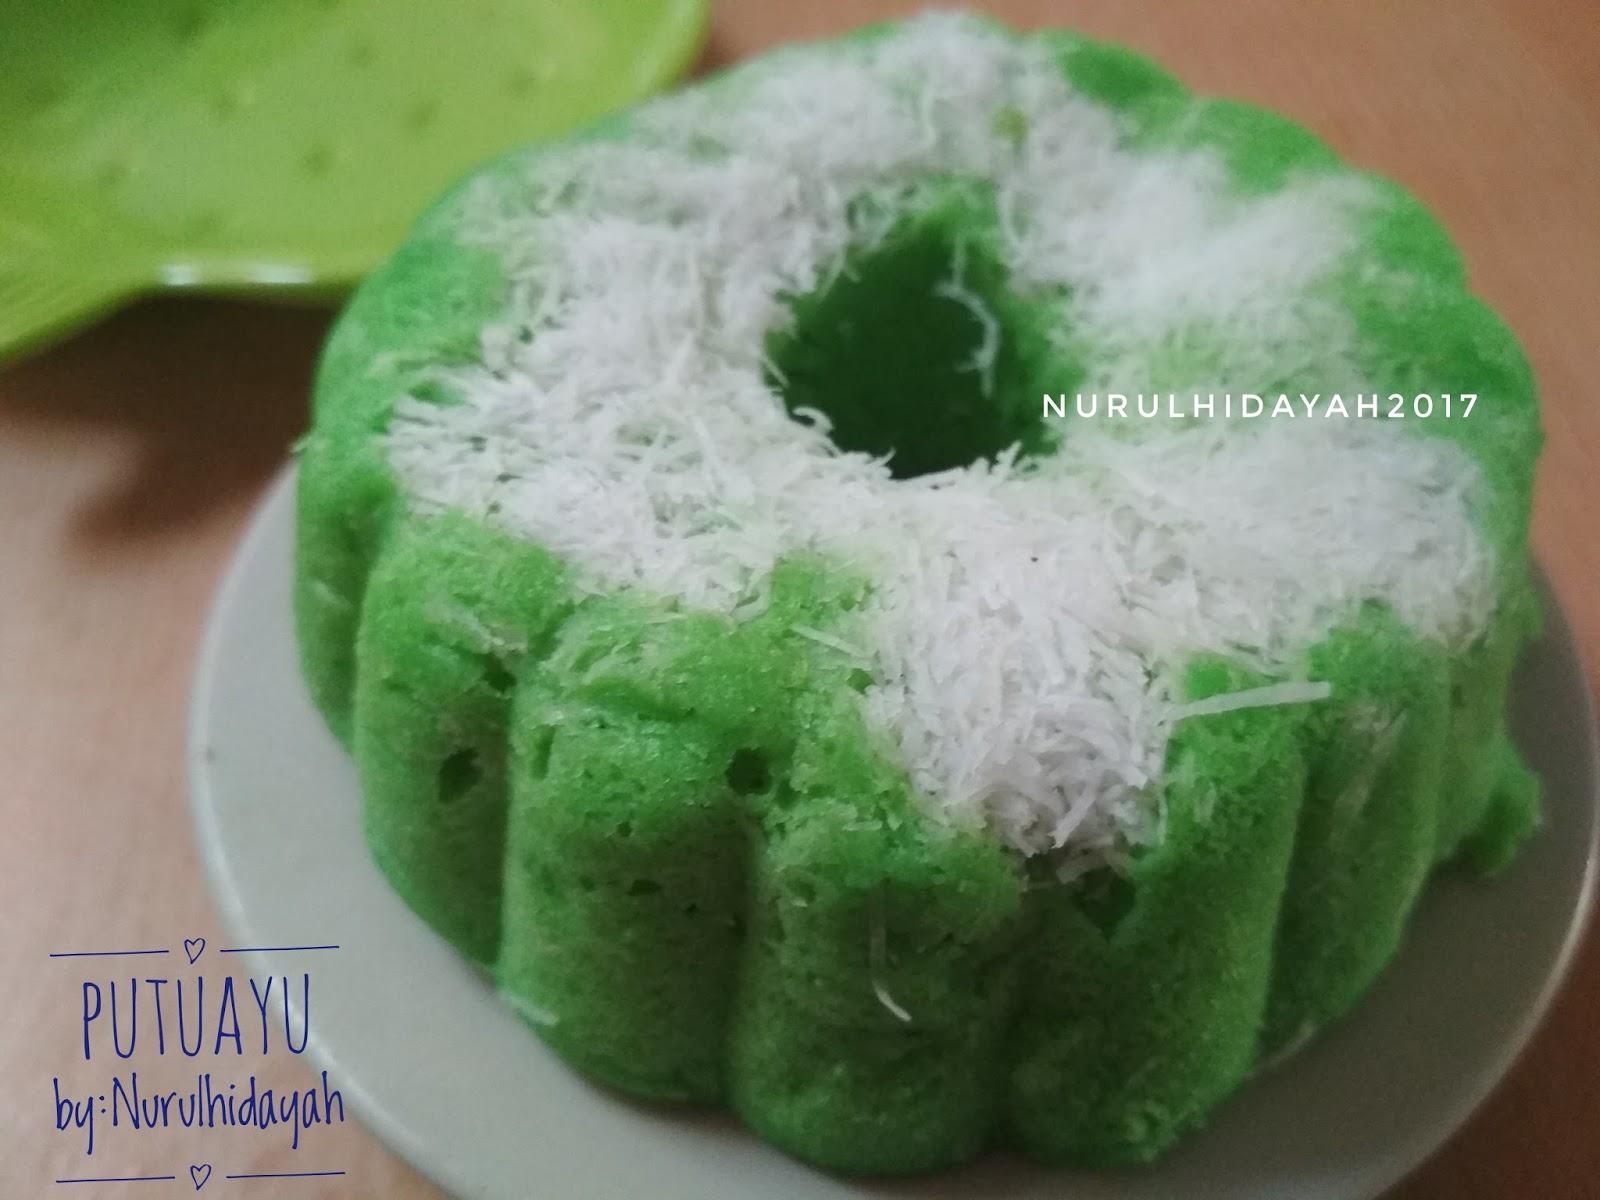 Kue Putu Ayu Fatmah Bahalwan Nurul Hidayah